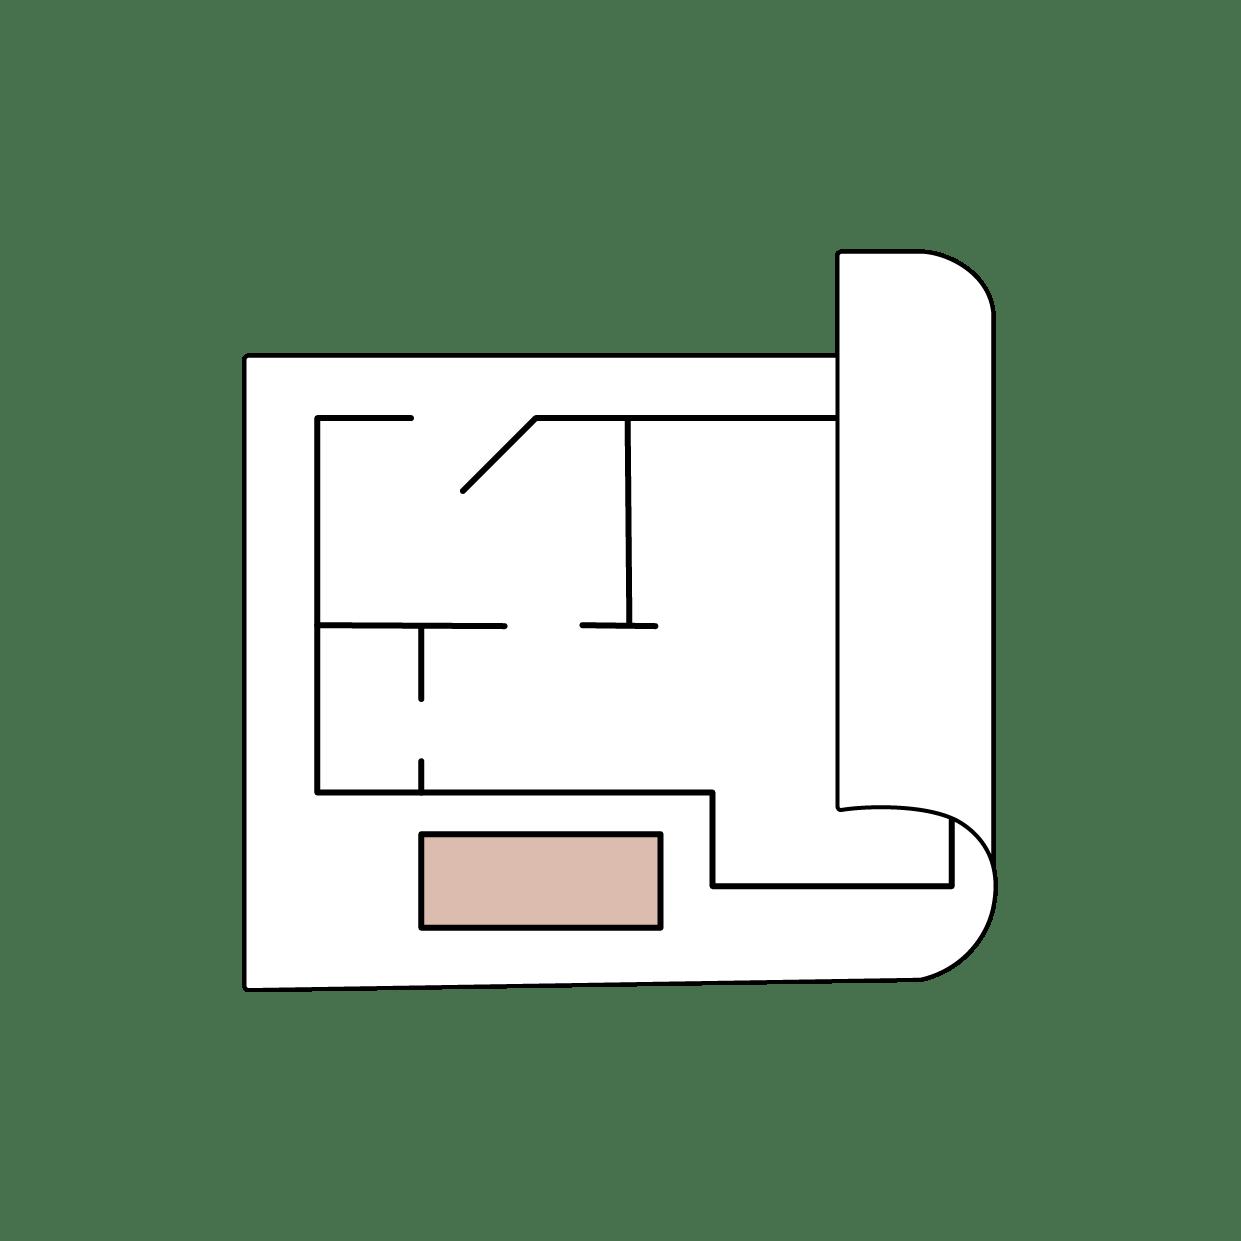 Illustrasjon plantegning / KASPARA Boligstyling & Interiør